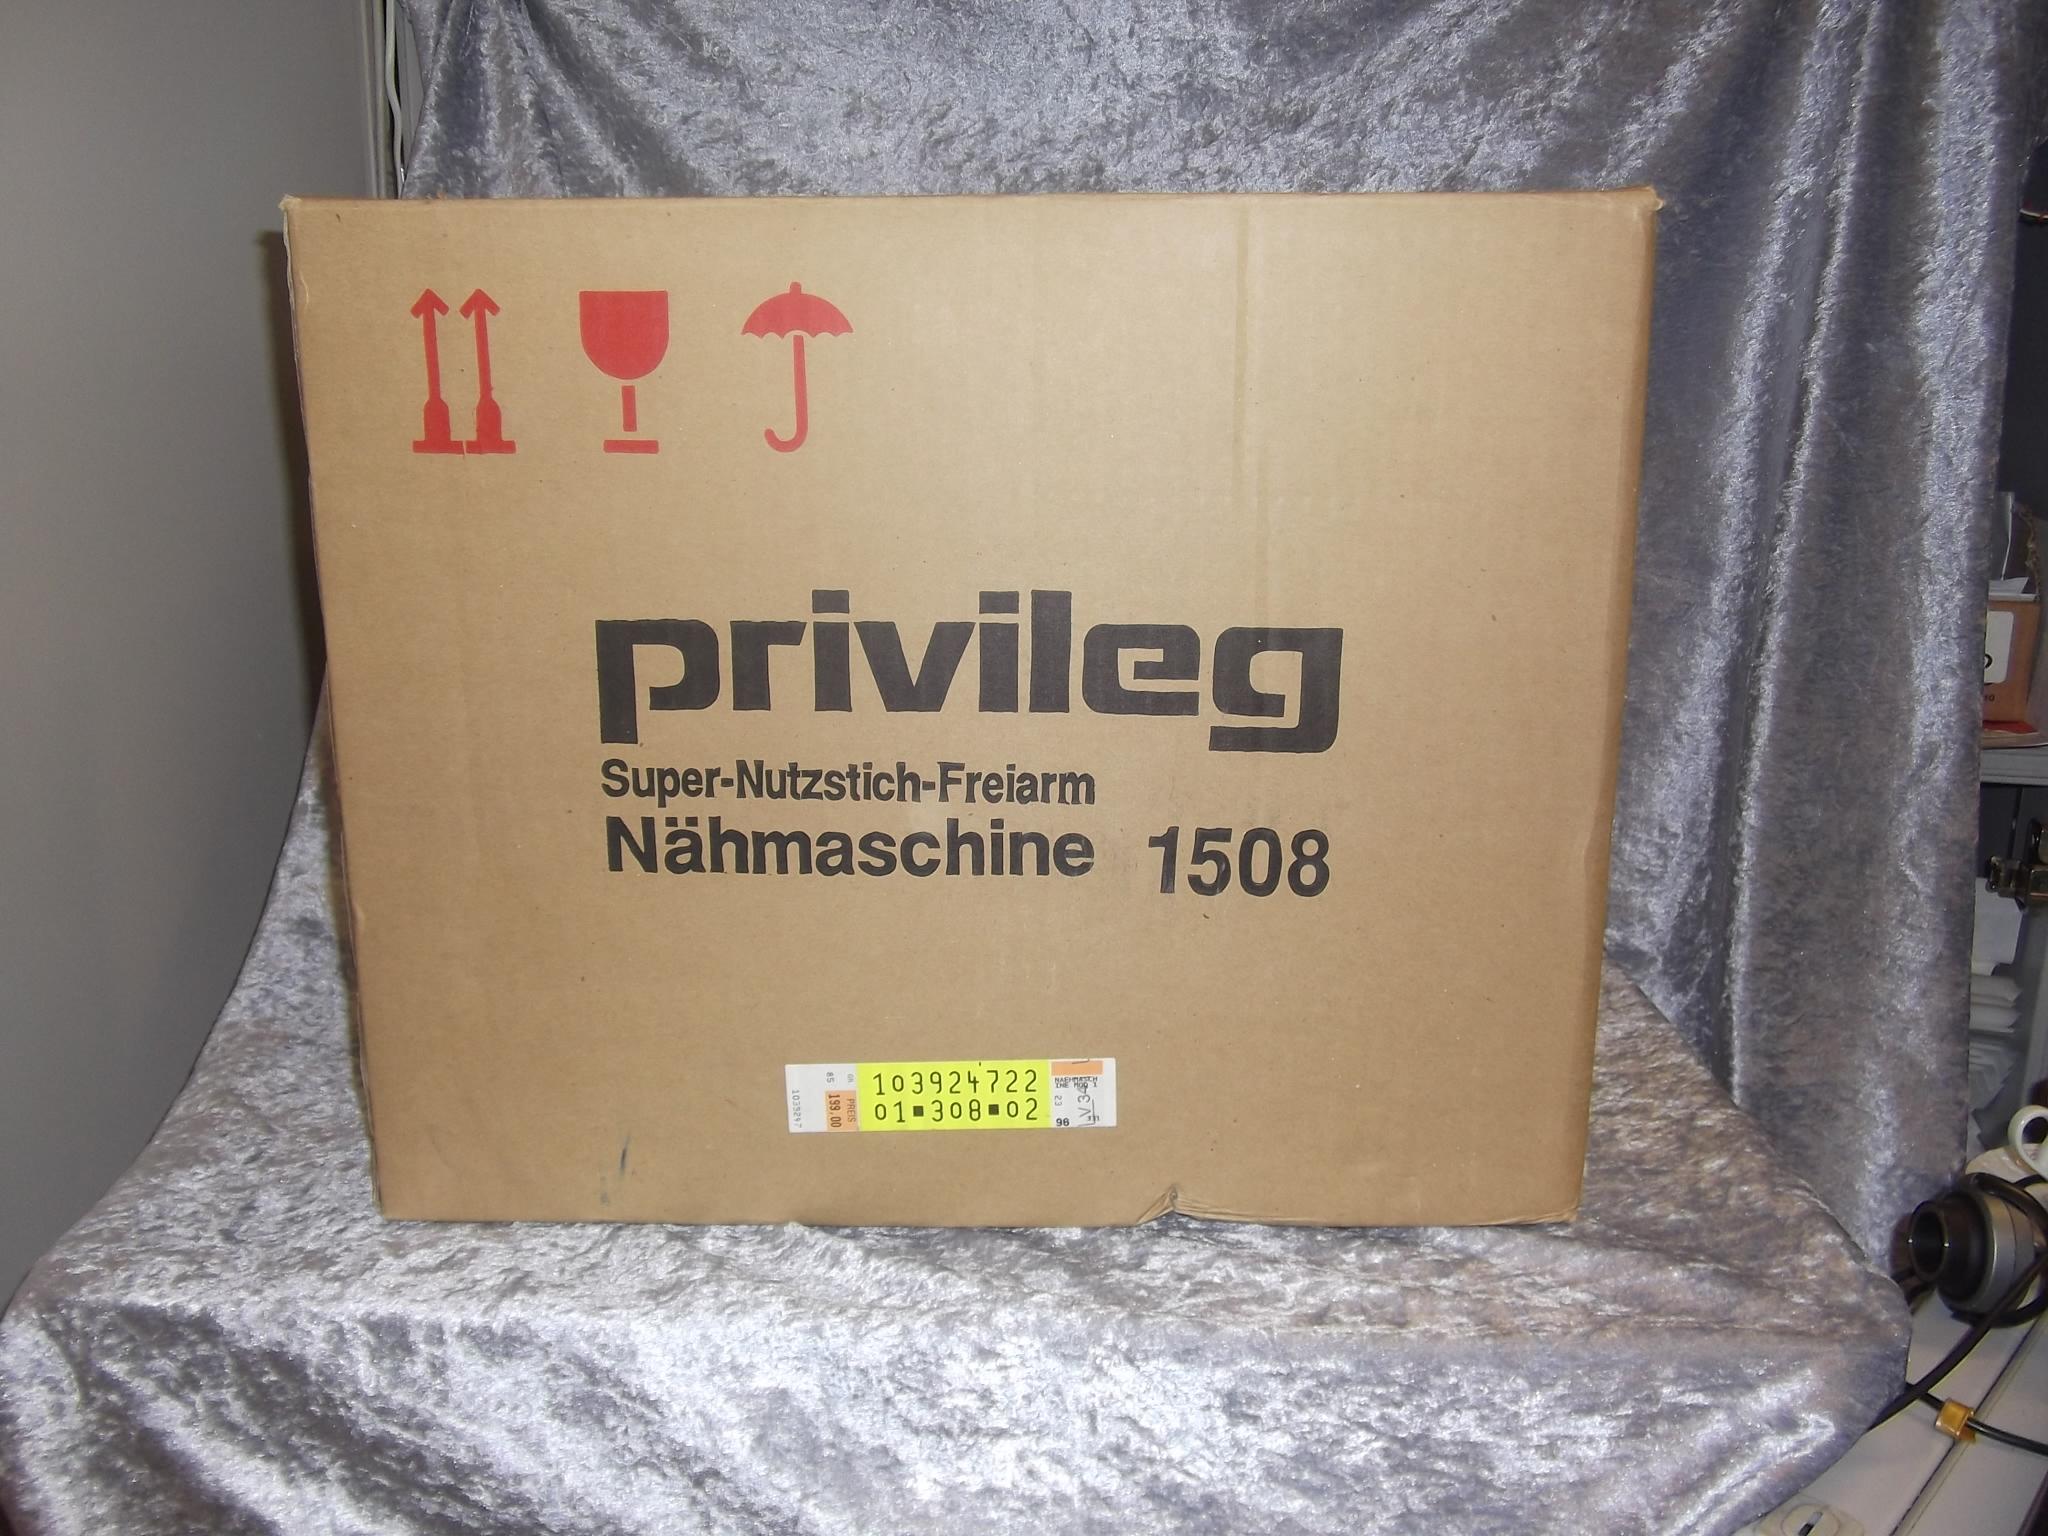 Nähmaschine PRIVILEG 1508 SuperNutzstichFreiarm mit viel  -> Nähmaschine Privileg Super Nutzstich Bedienungsanleitung